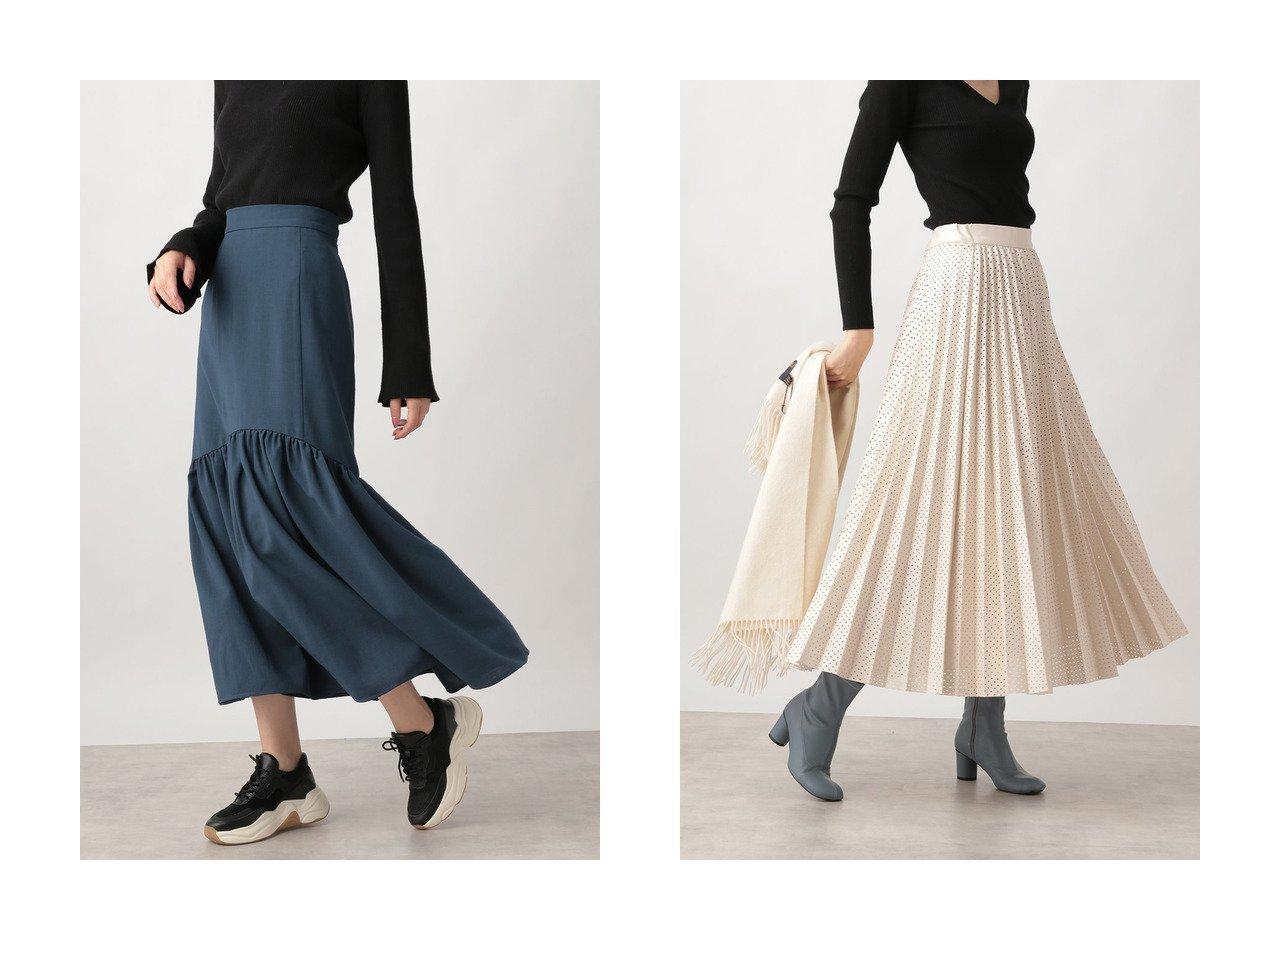 【Ezick/エジック】のカルゼ裾フレアスカート&パンチングフェイクレザースカート 【スカート】おすすめ!人気、トレンド・レディースファッションの通販 おすすめで人気の流行・トレンド、ファッションの通販商品 インテリア・家具・メンズファッション・キッズファッション・レディースファッション・服の通販 founy(ファニー) https://founy.com/ ファッション Fashion レディースファッション WOMEN スカート Skirt Aライン/フレアスカート Flared A-Line Skirts ロングスカート Long Skirt 2020年 2020 2020-2021秋冬・A/W AW・Autumn/Winter・FW・Fall-Winter/2020-2021 2021年 2021 2021-2022秋冬・A/W AW・Autumn/Winter・FW・Fall-Winter・2021-2022 A/W・秋冬 AW・Autumn/Winter・FW・Fall-Winter おすすめ Recommend ギャザー シンプル セットアップ ティアードスカート フィット フレア リブニット ロング ワッシャー トレンド ドット バランス パーカー フェイクレザー プリーツ 人気 |ID:crp329100000065067